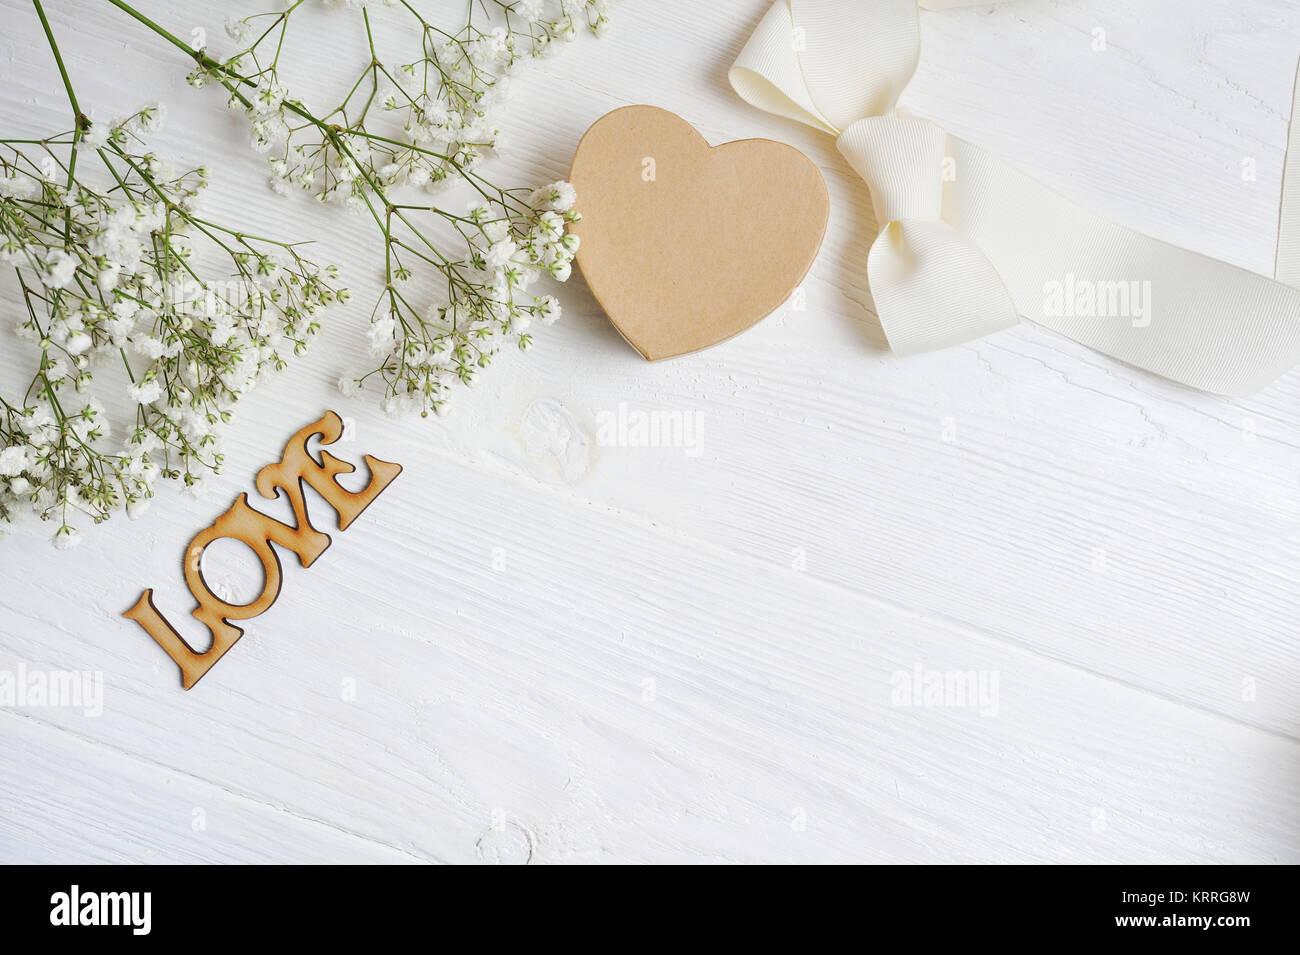 Ромашки подарок цветы с надписью люблю цветы горшках южно-сахалинске